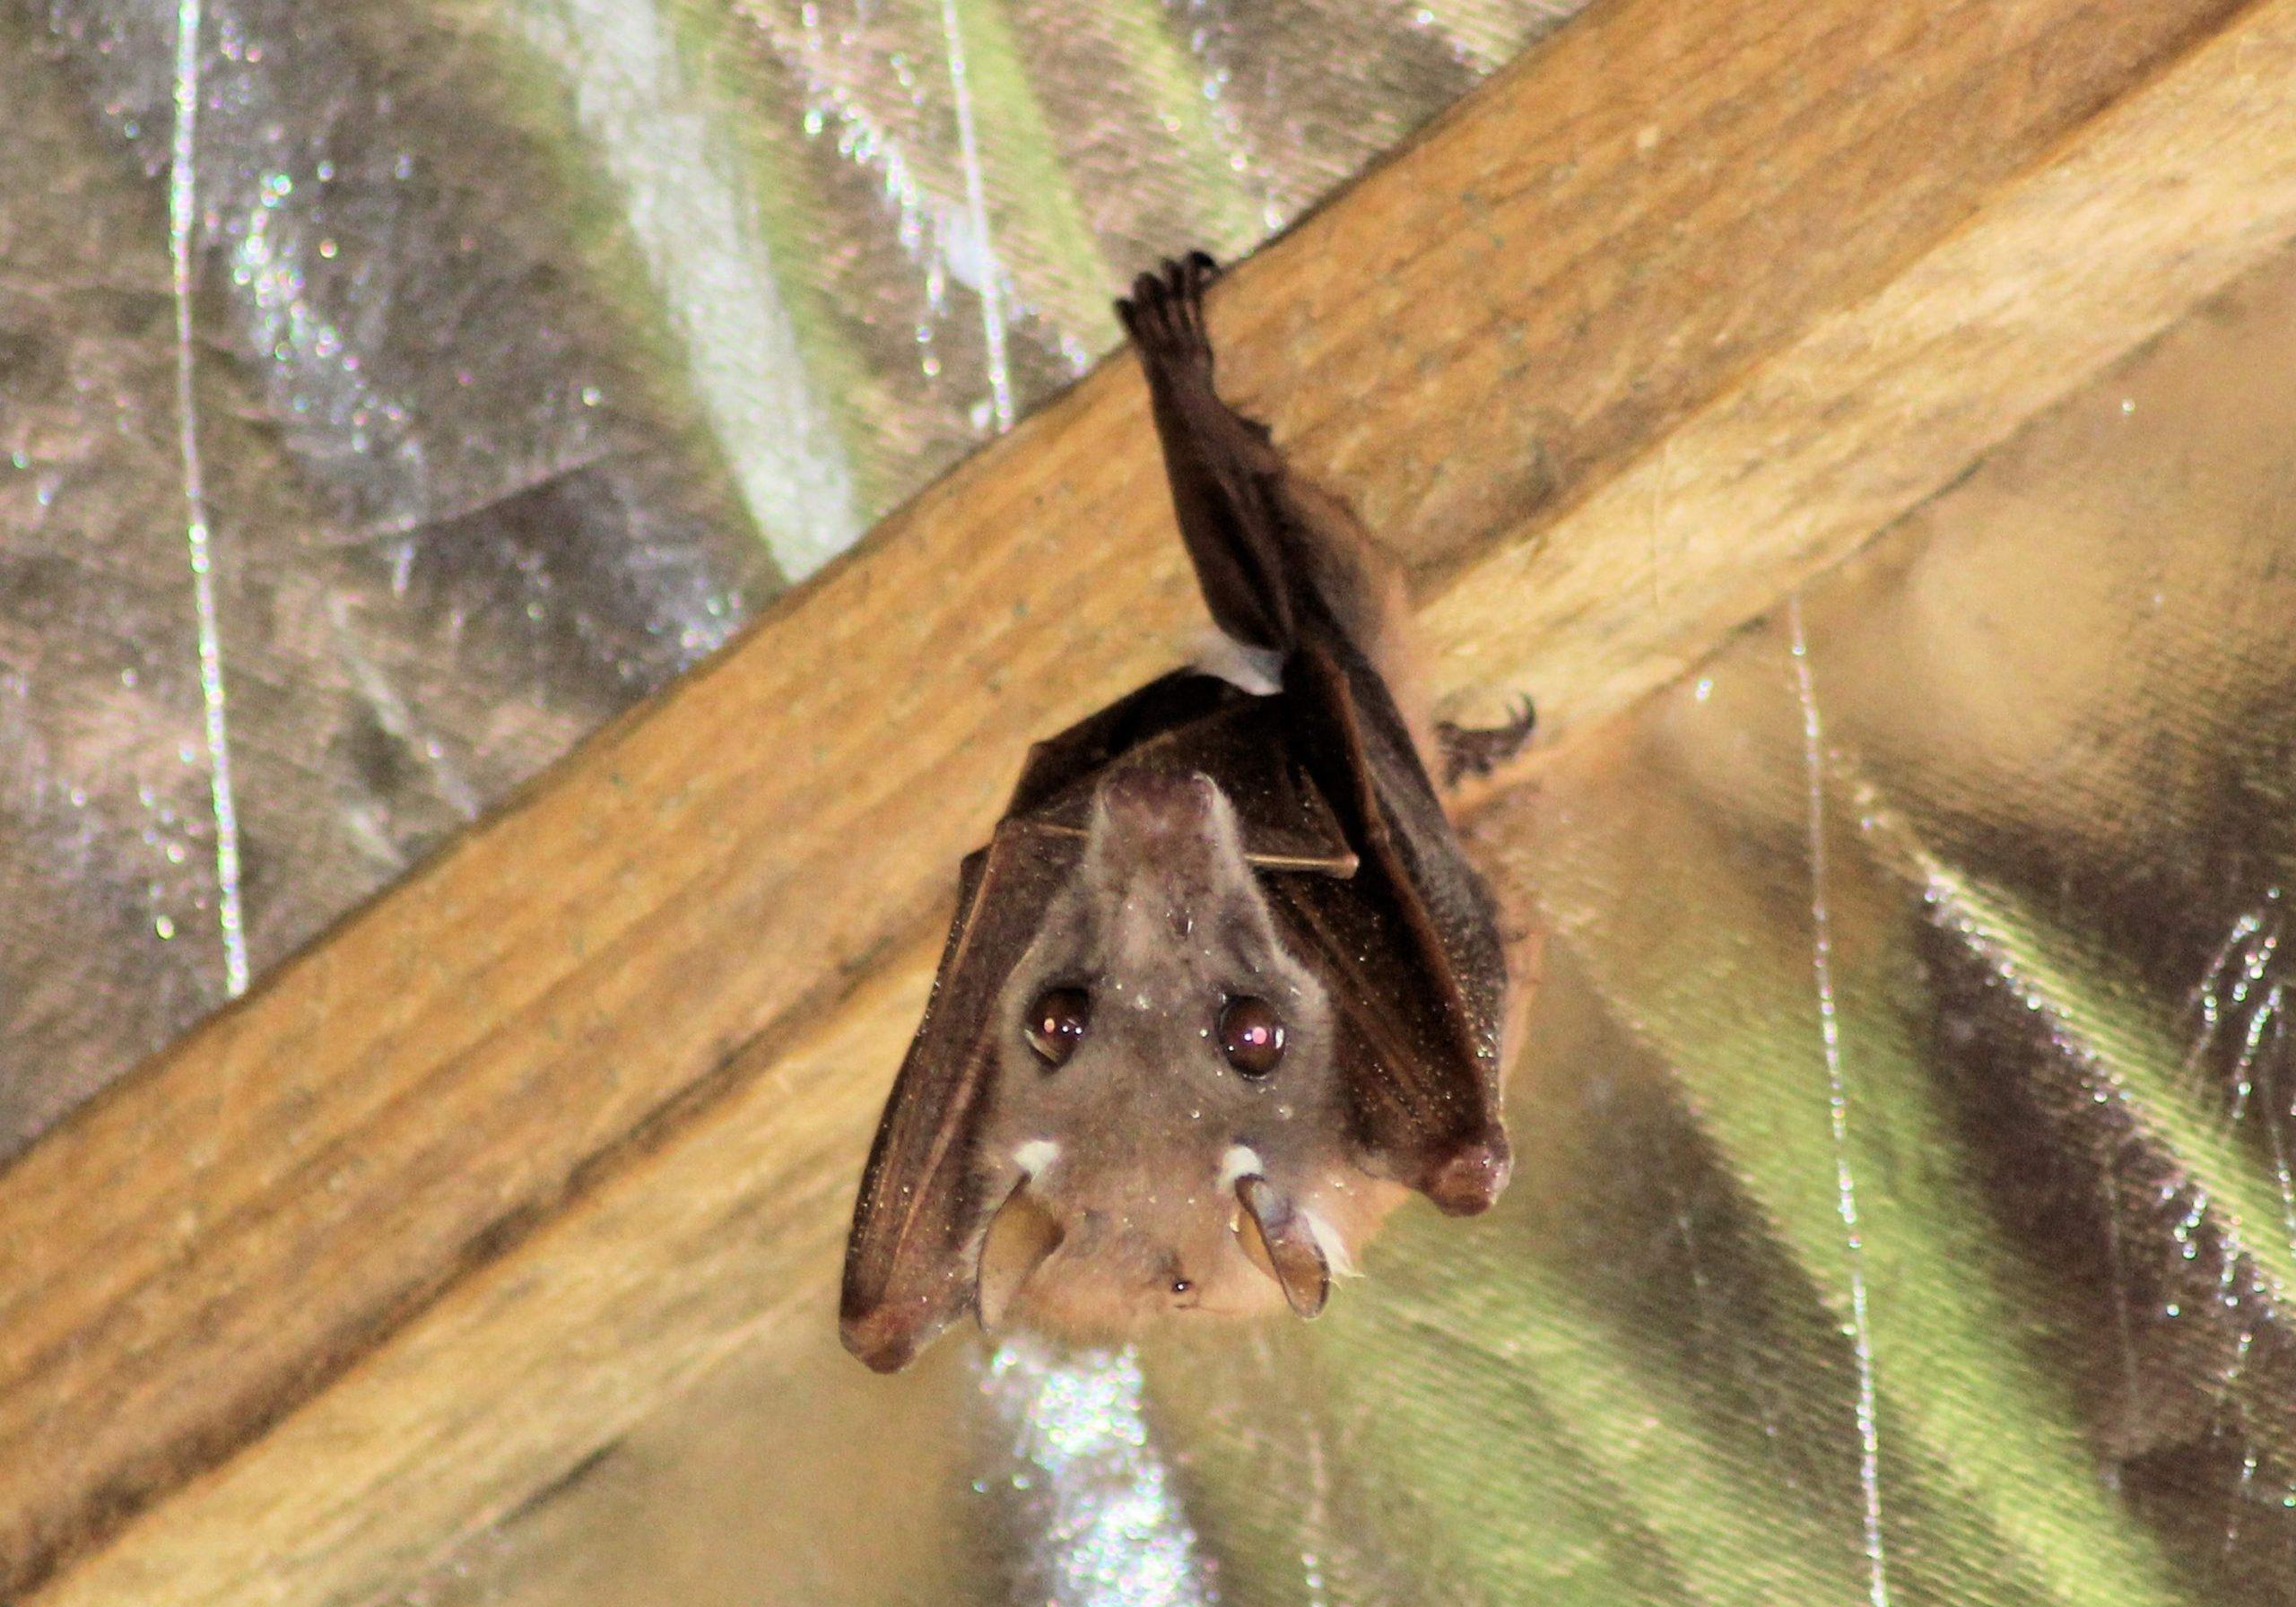 Wahlberg's Epauletted Fruit-bat